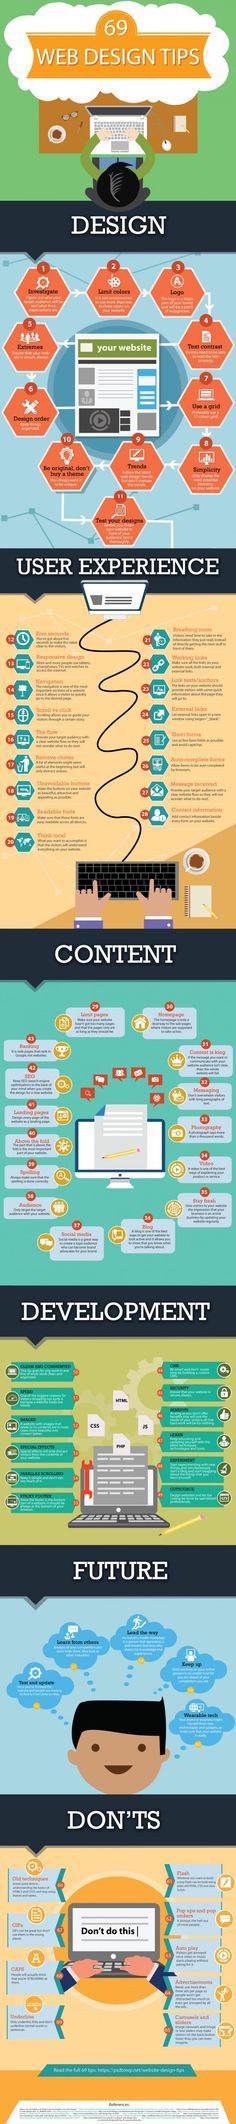 69 tips om het design van je website te verbeteren [infographic]